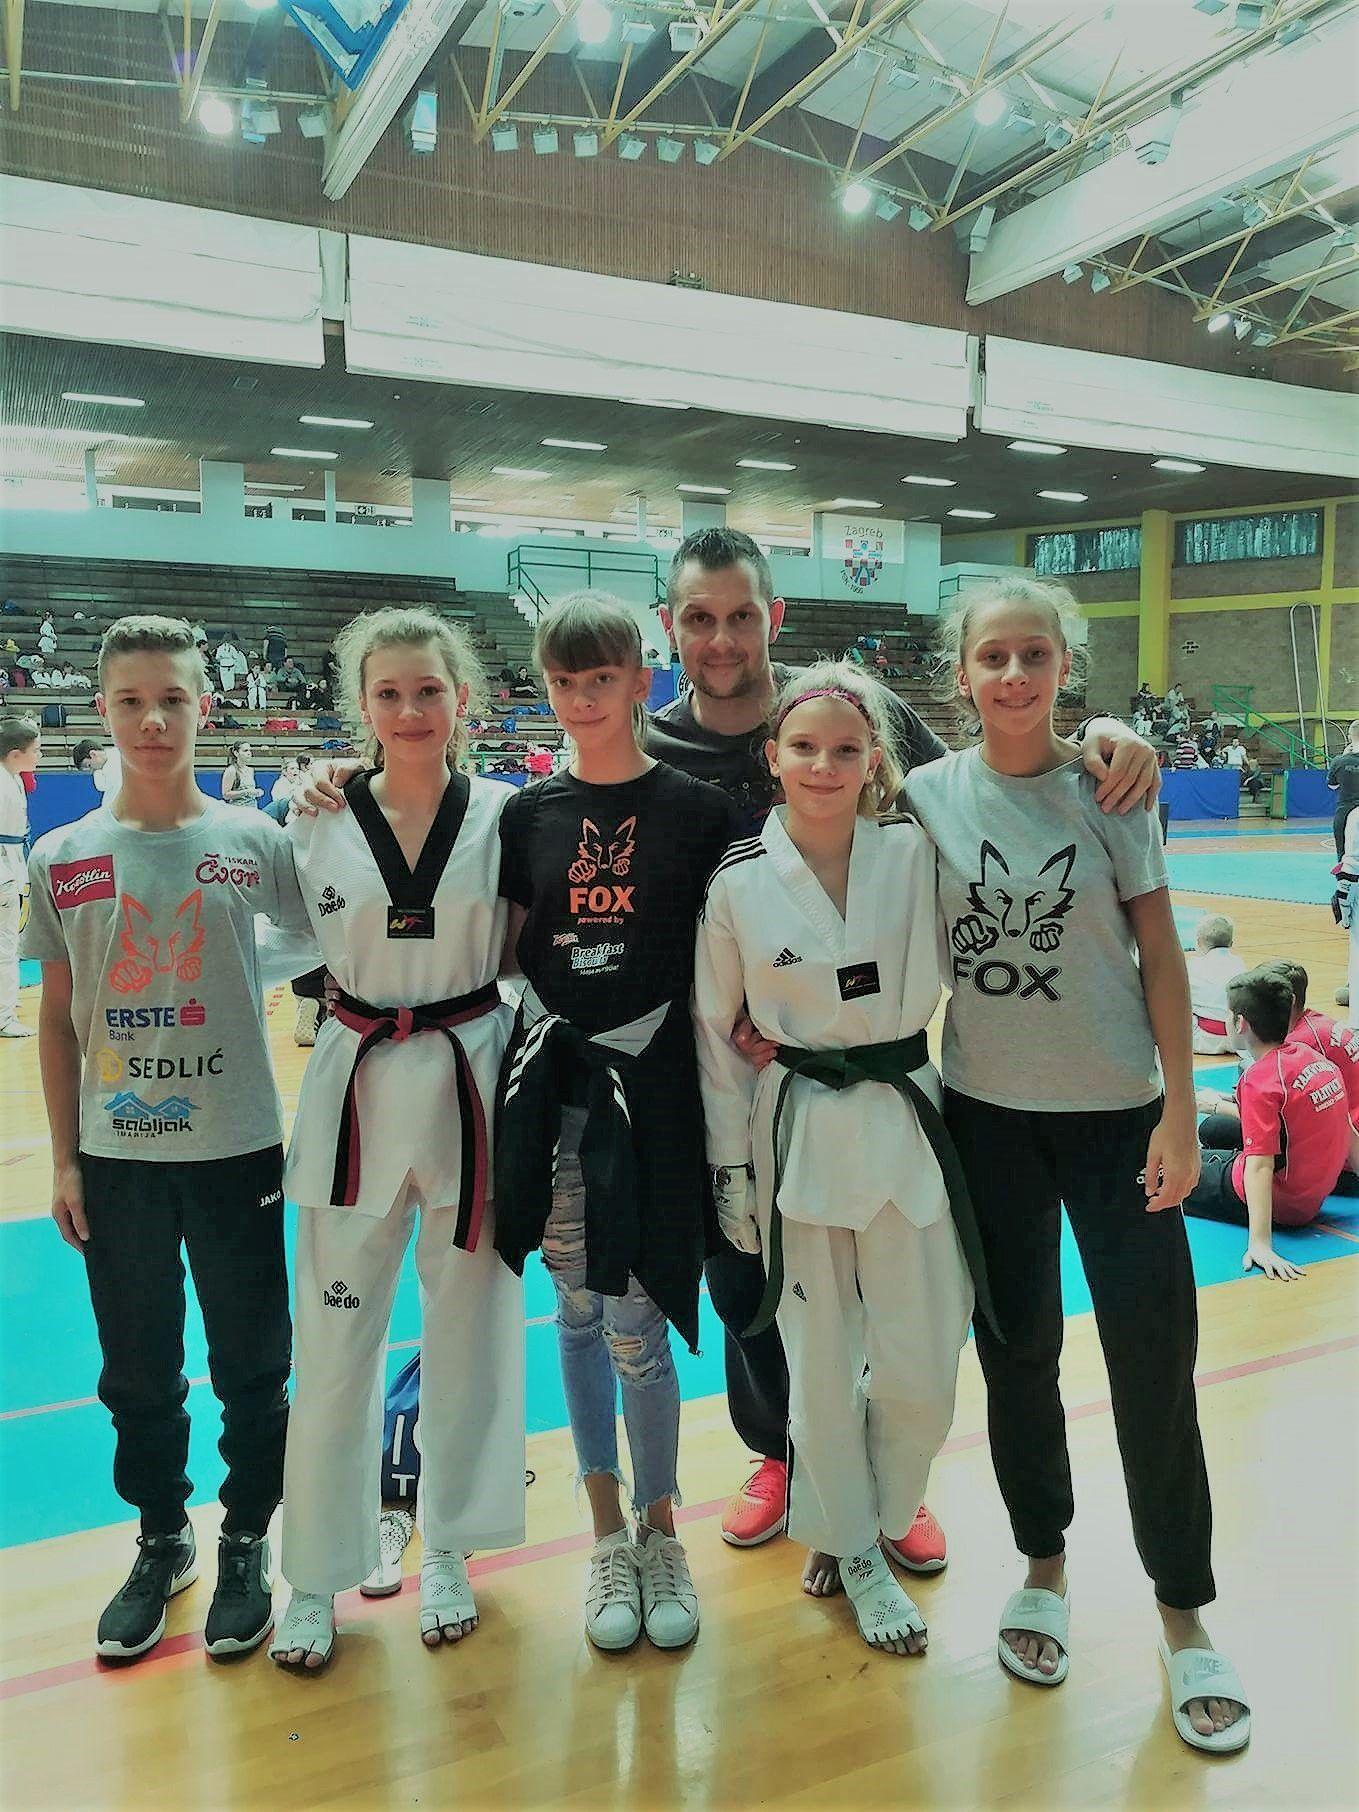 Bjelovarski foksići nastupili na Casper Openu